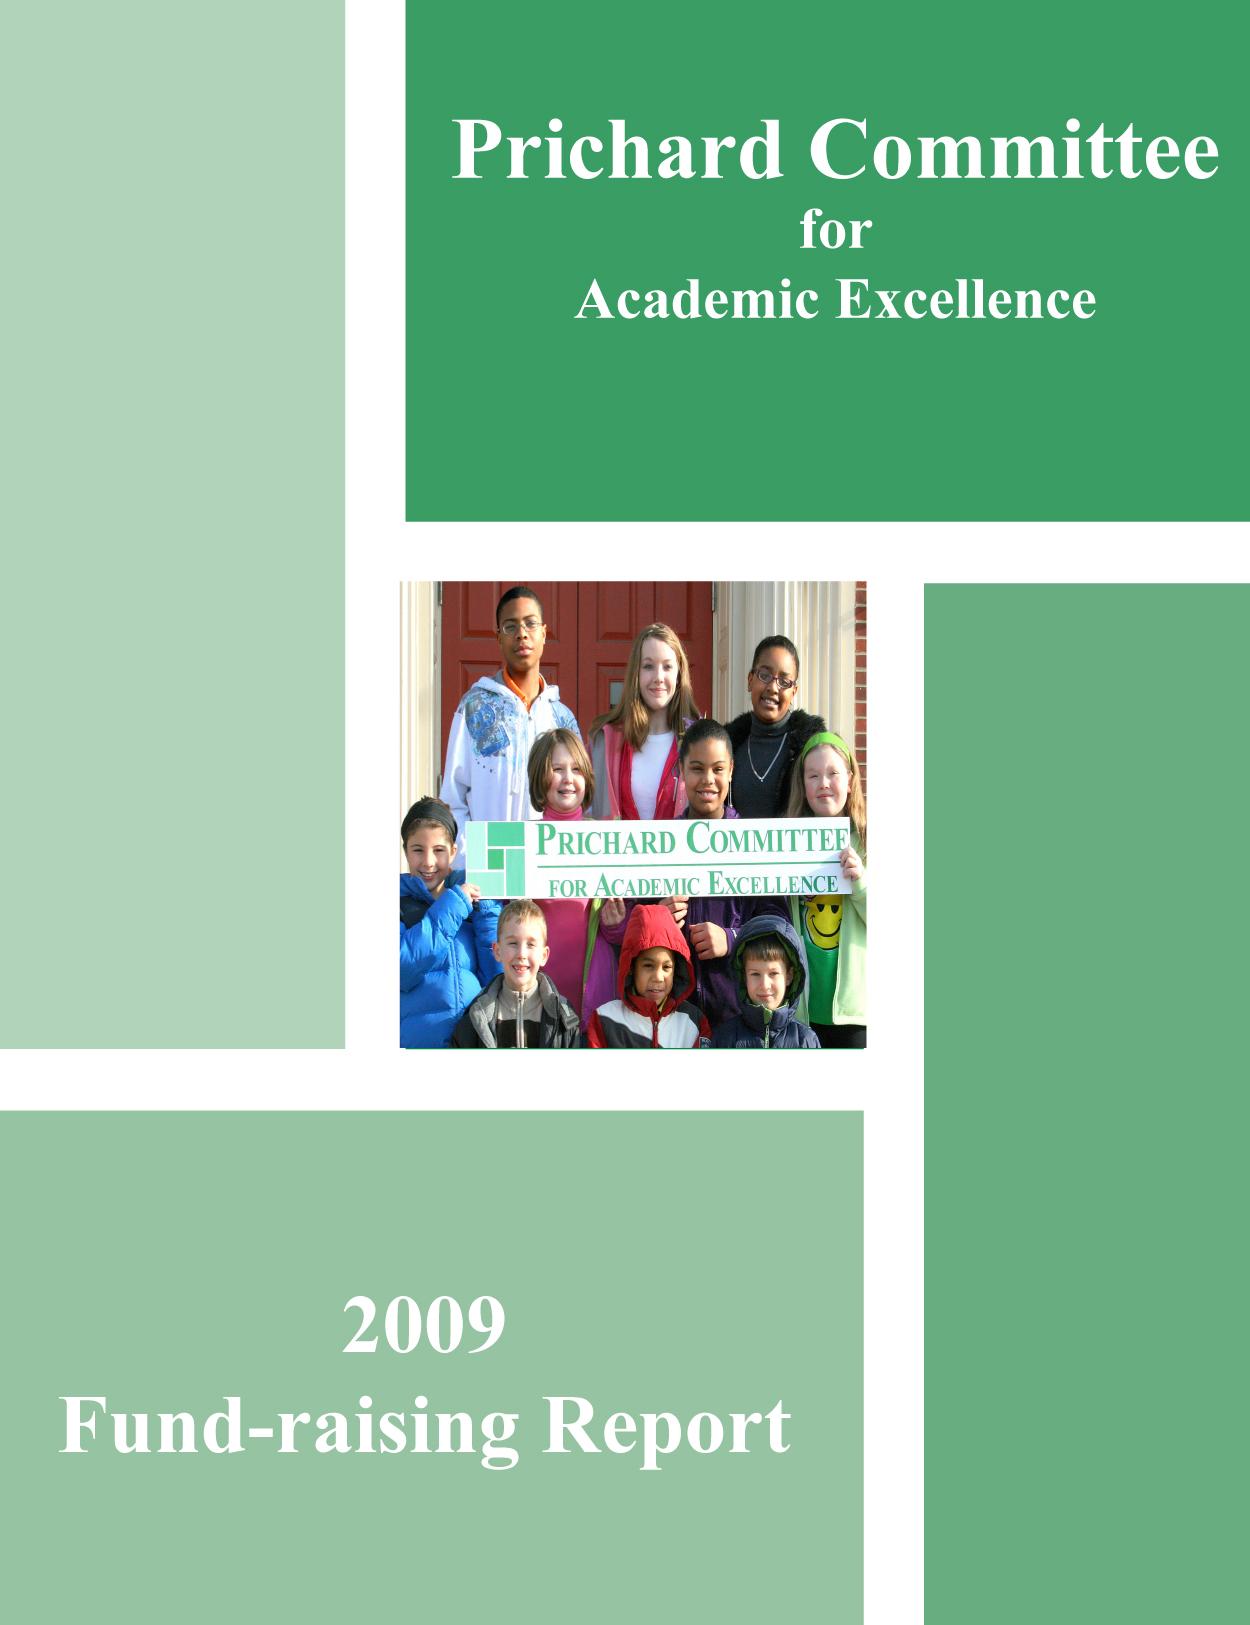 2009_Fundraising_Report